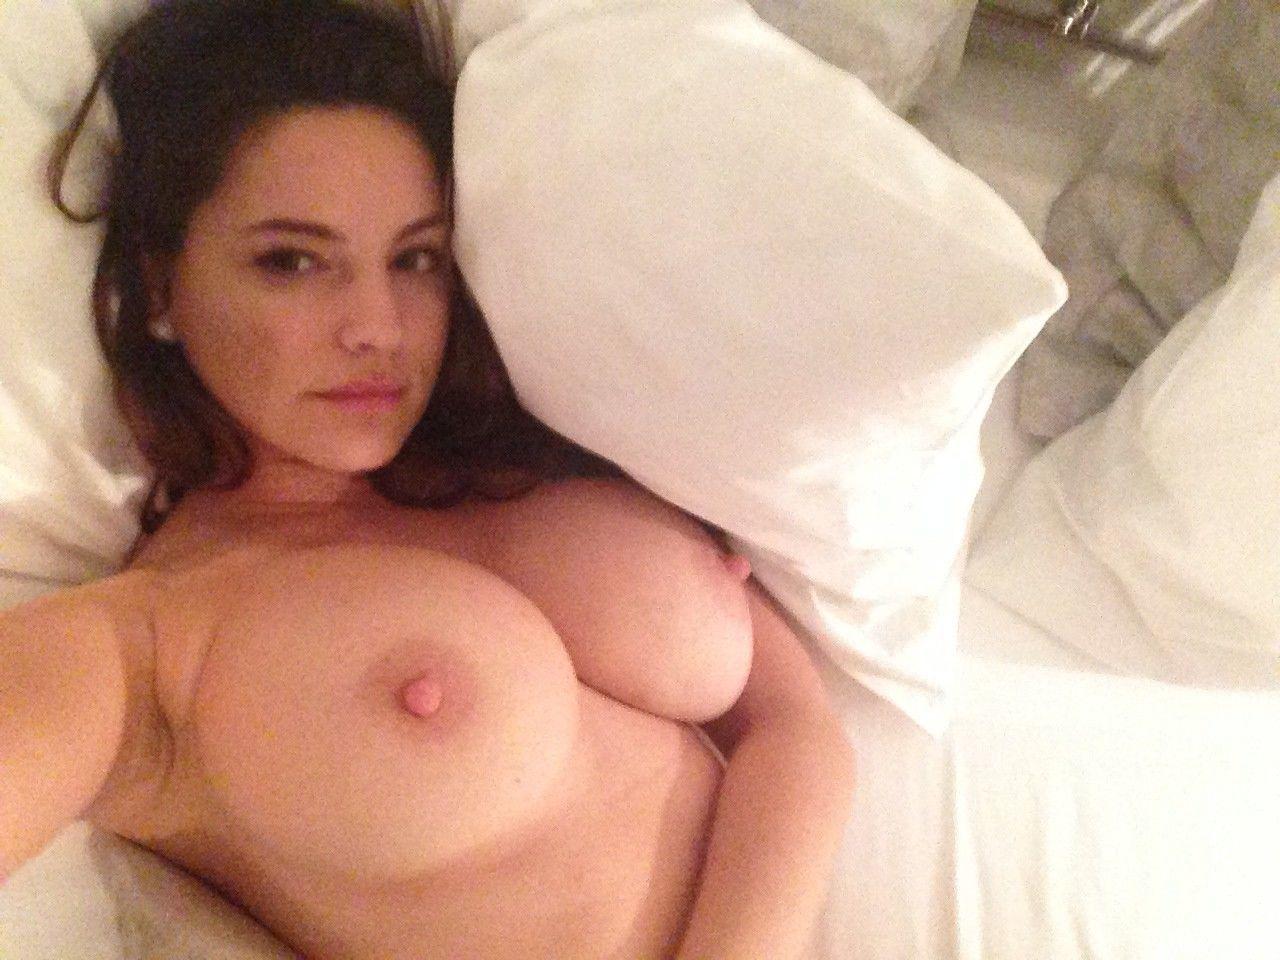 Chloe kelly martin nude fucked porn galery